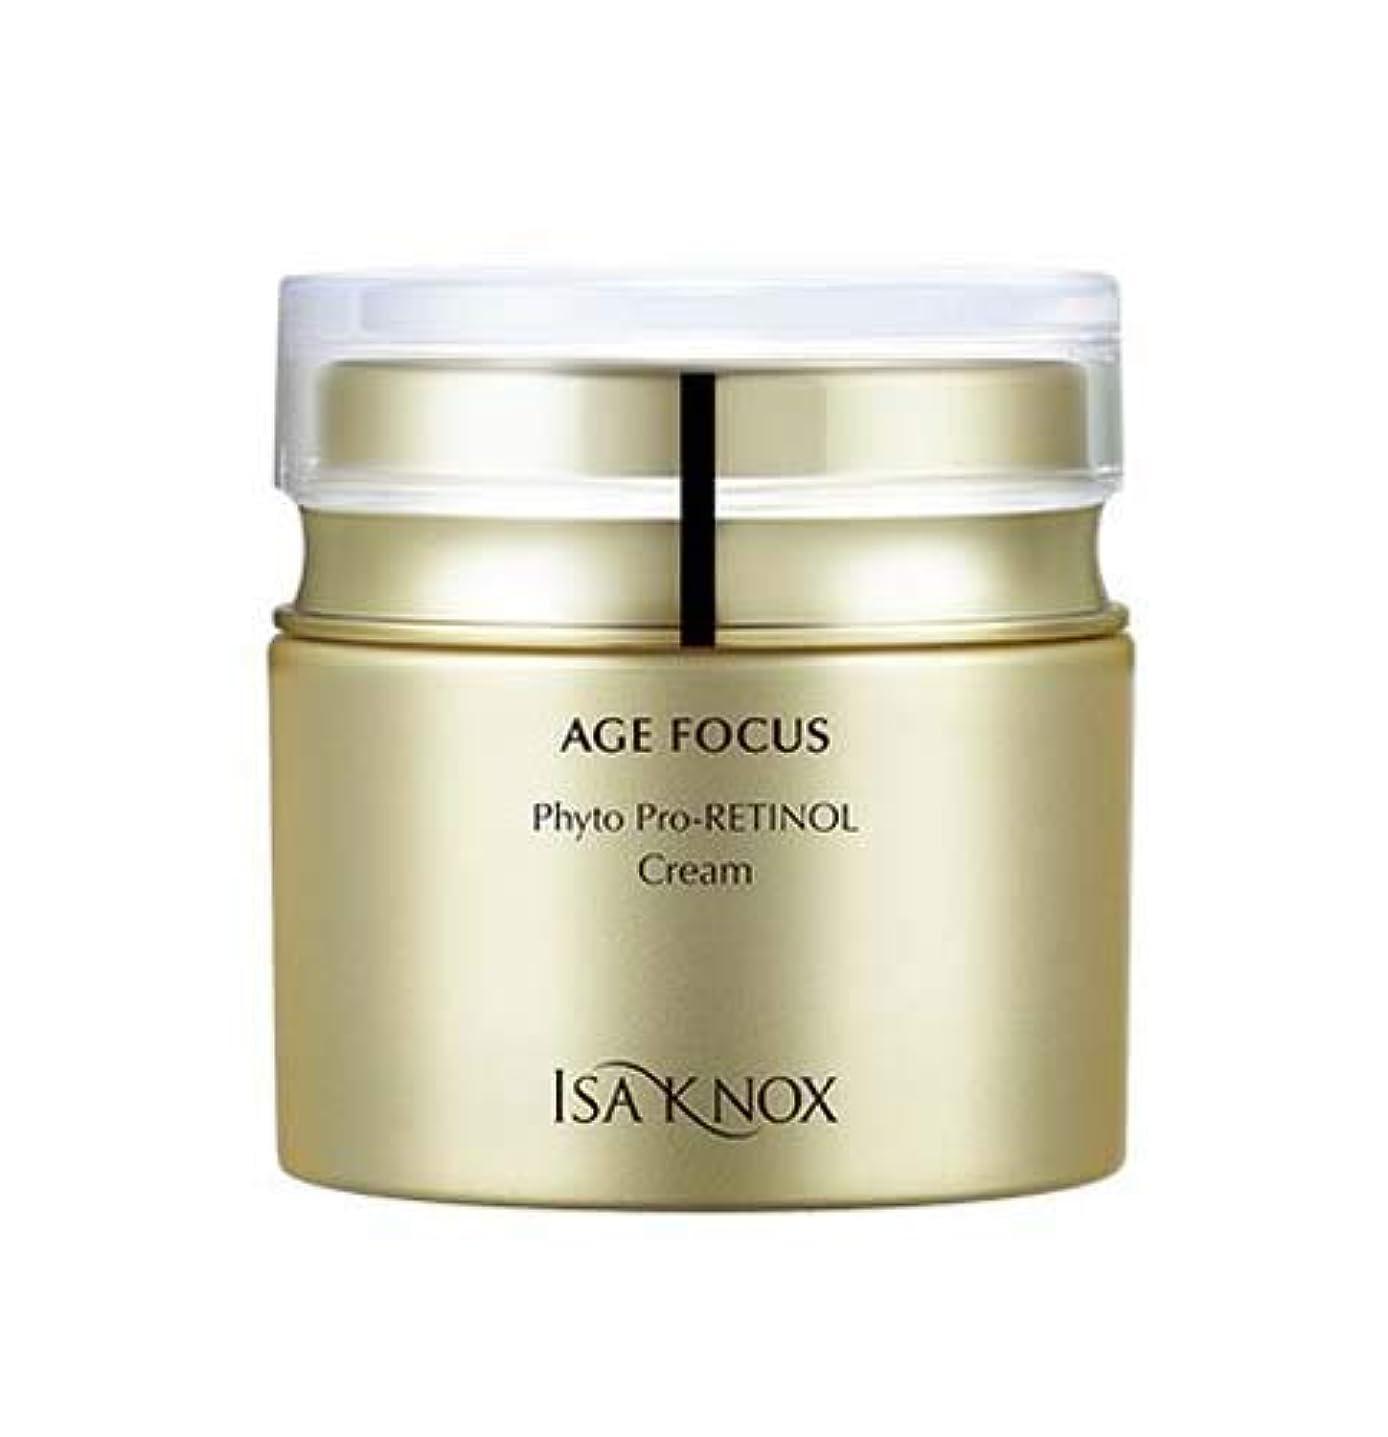 配分ますます専制[イザノックス] ISA KNOX [エイジフォーカス フィト プロレチノール クリーム 50ml] AGE FOCUS Pro-Retinol Cream 50ml [海外直送品]